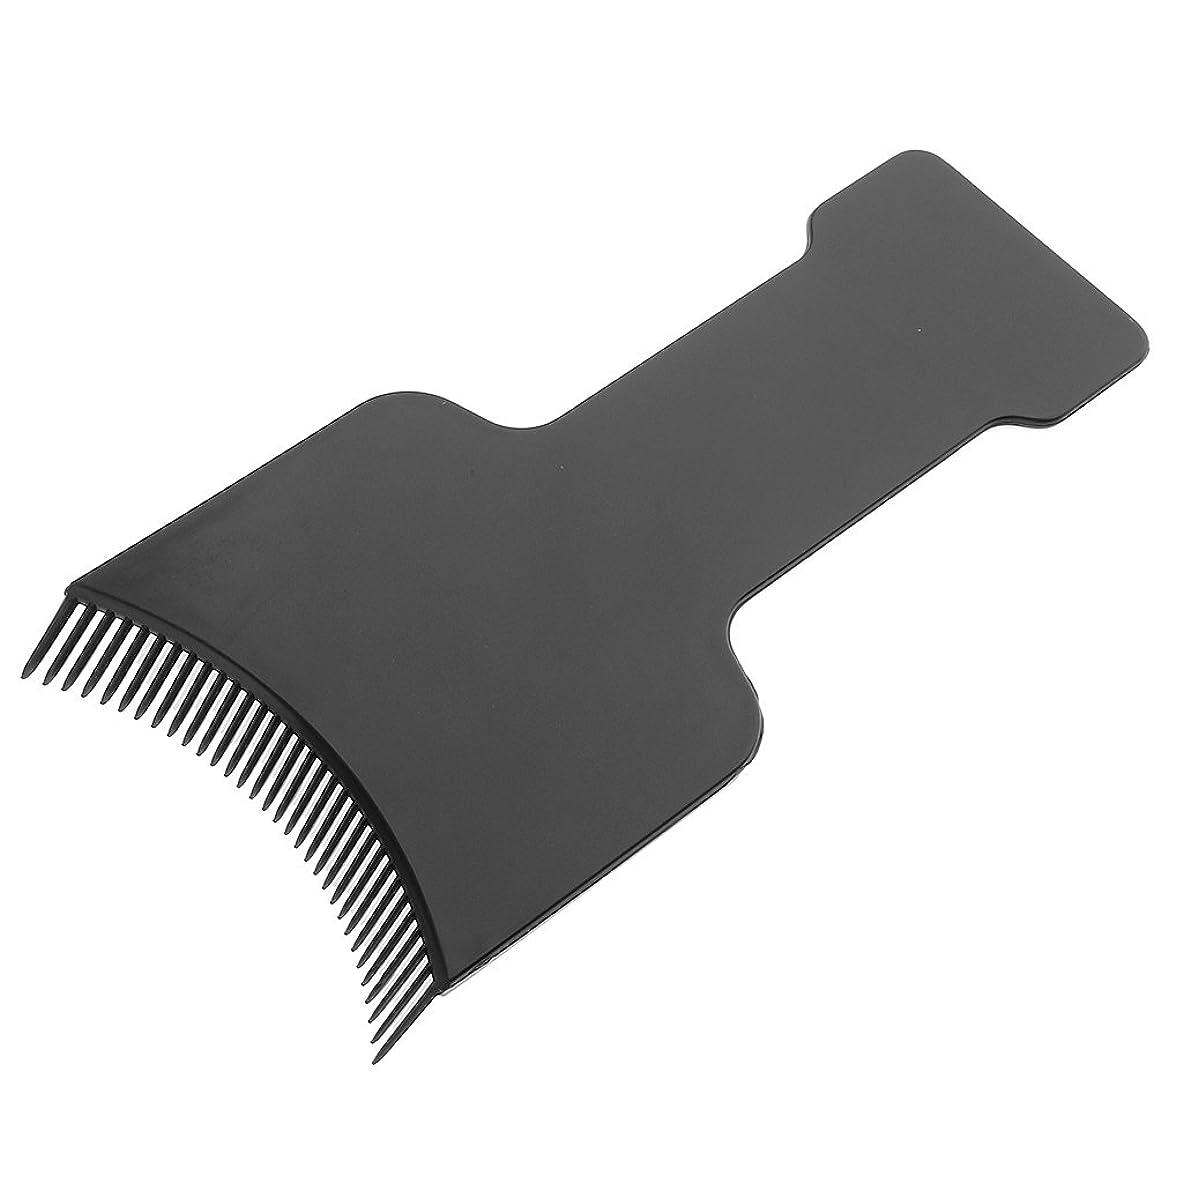 暴力物思いにふけるアルネFenteer ヘアカラー ボード 髪 染色 ツール ブラック 全4サイズ - S